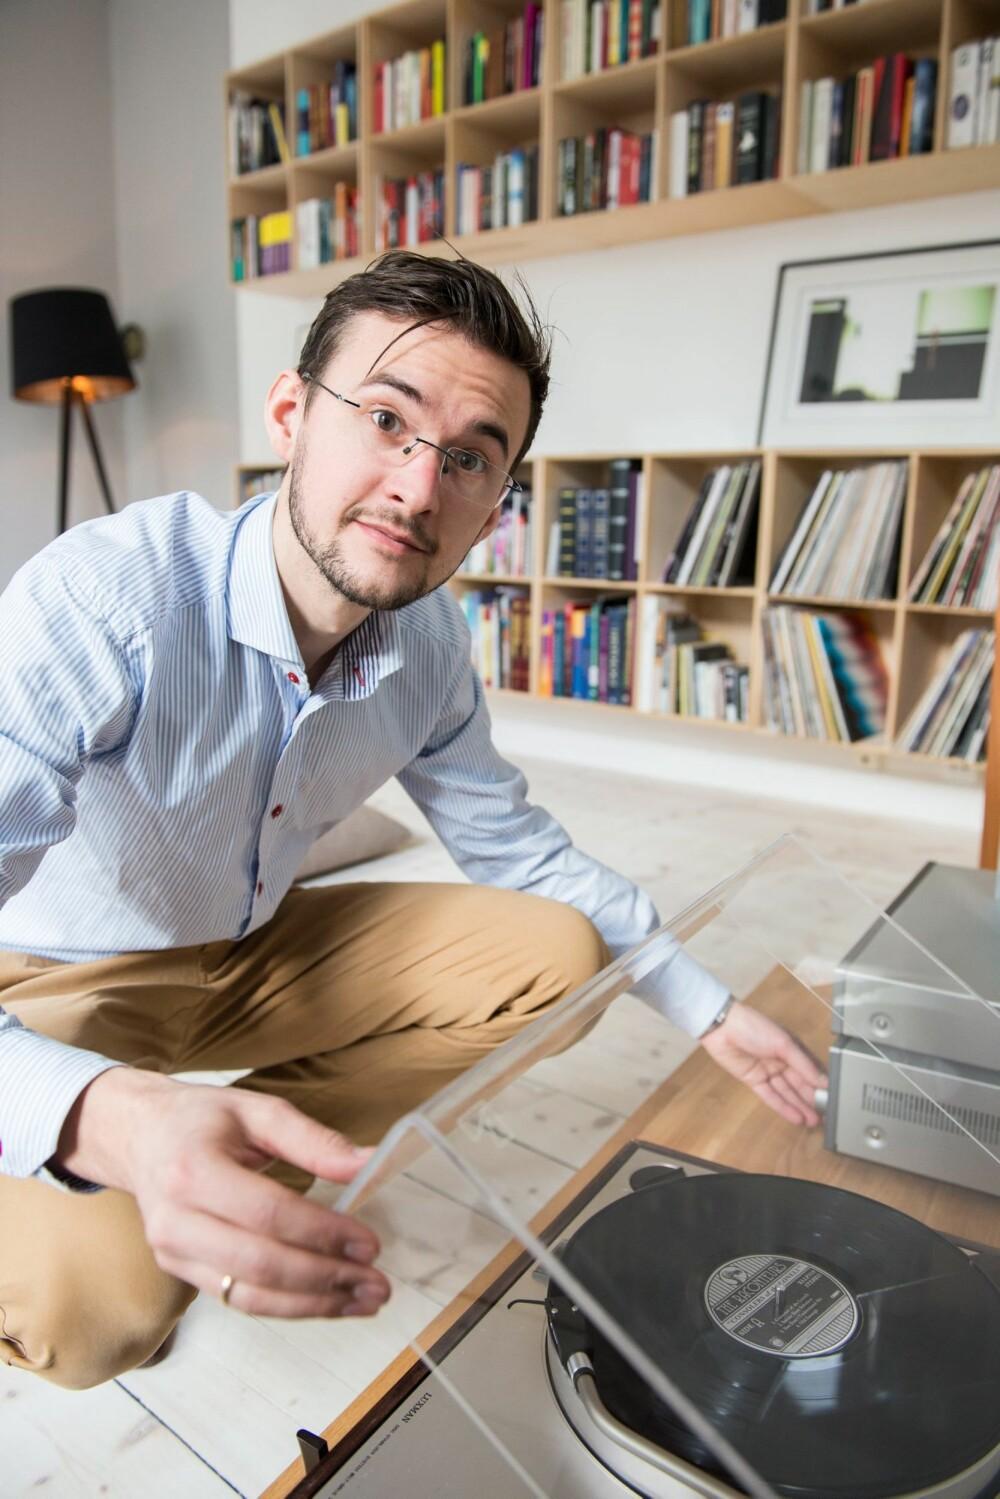 SVERGER TIL VINYL: Når Torbjørn skal lytte til musikk, foretrekker han å sette på en plate.